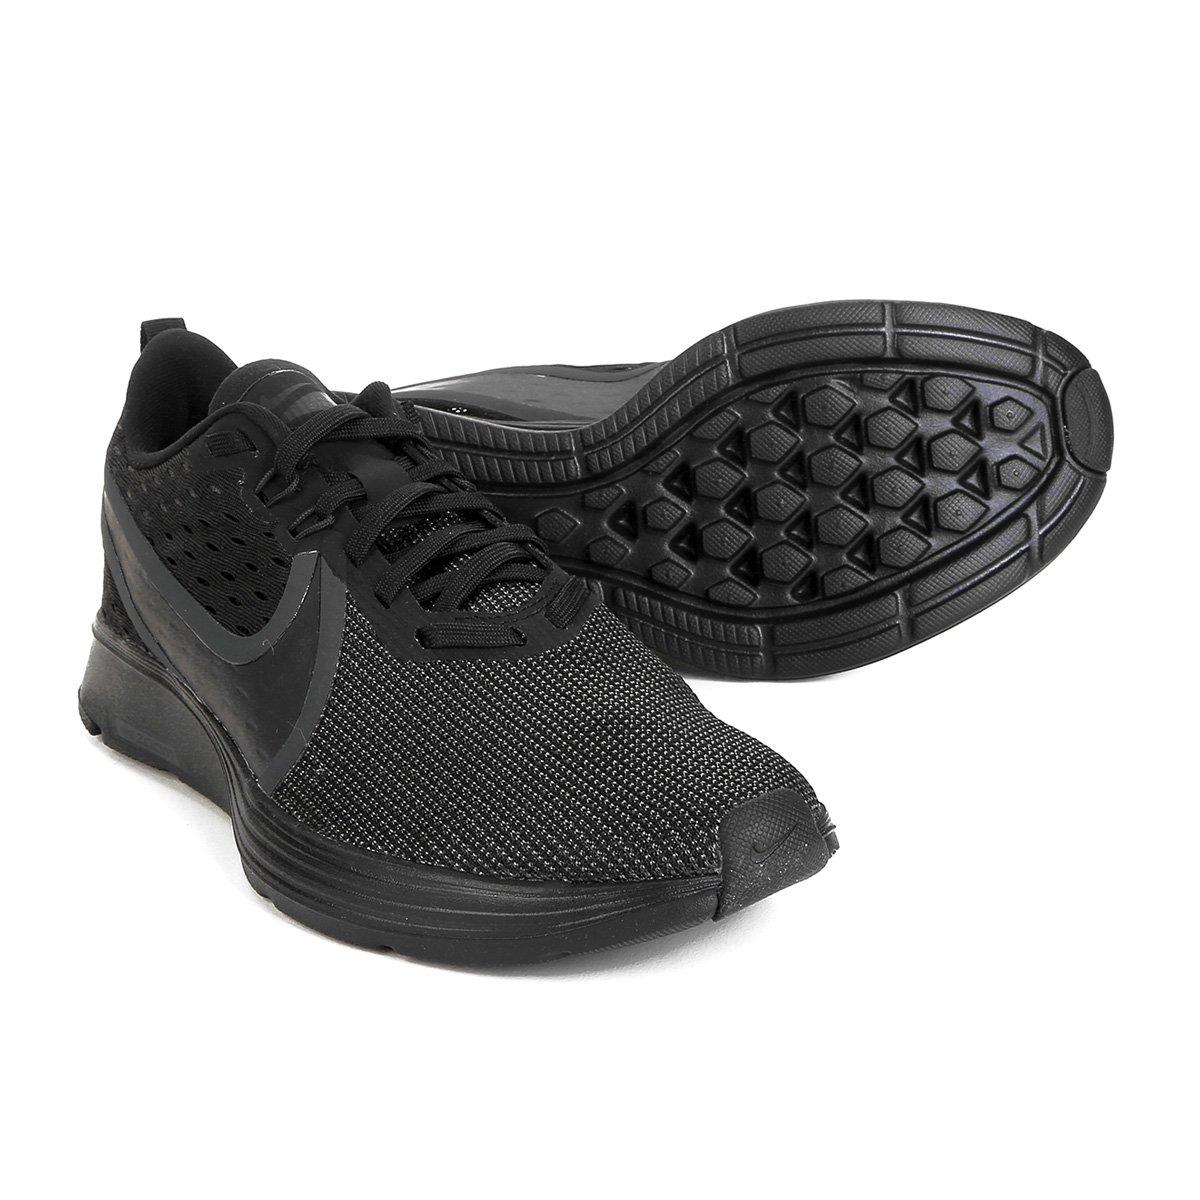 3dbf9c0e84e8e Tênis Nike Zoom Strike 2 Feminino - Preto - Compre Agora